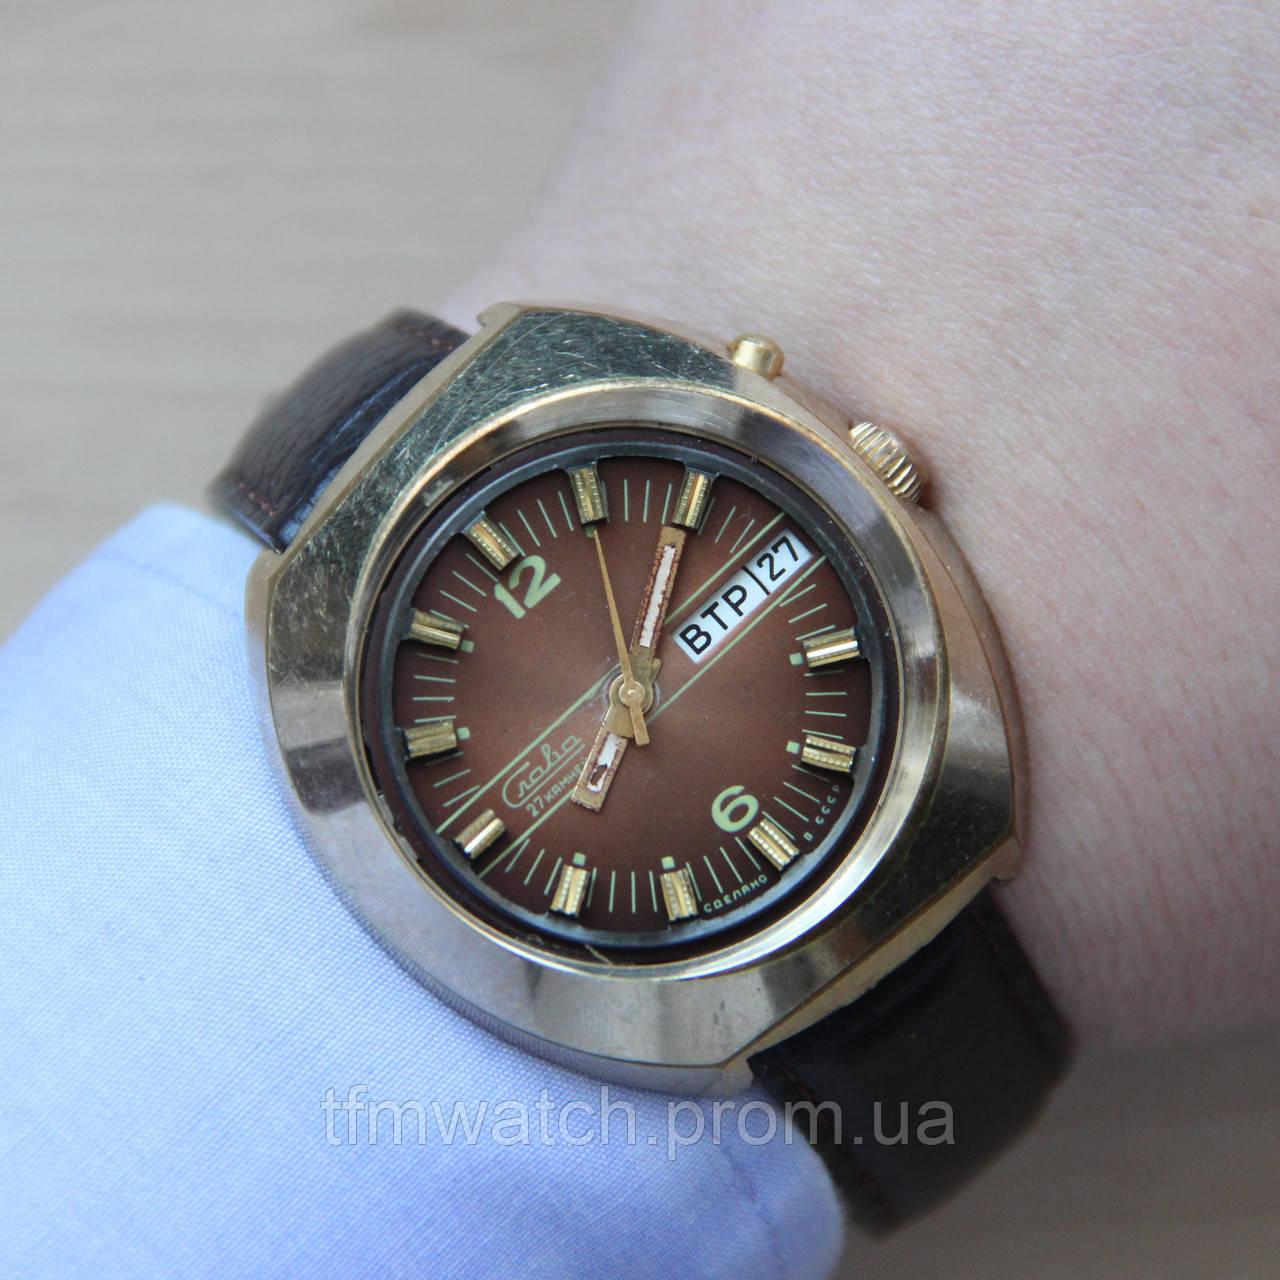 54b0b7c5a0c5 Слава автоподзавод мужские наручные часы СССР   продажа, цена в ...